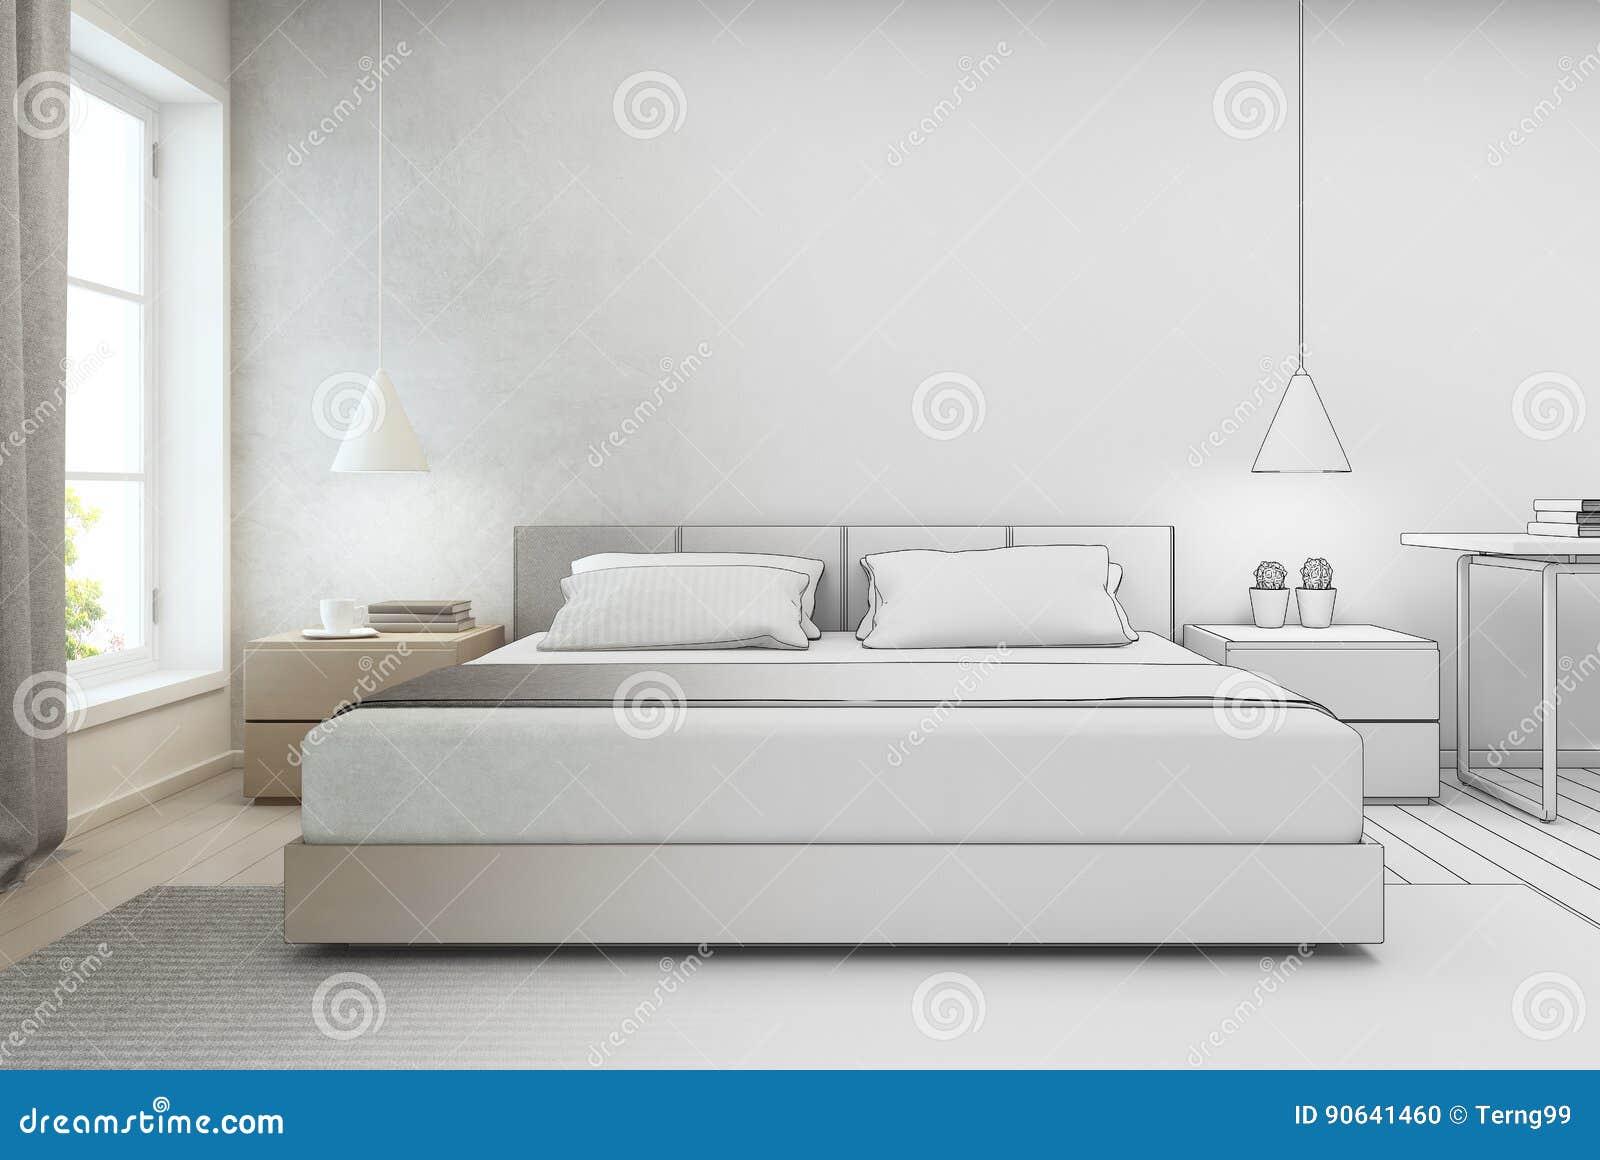 Camera Da Letto Con Il Fondo In Casa Moderna, Progettazione Del Muro ...